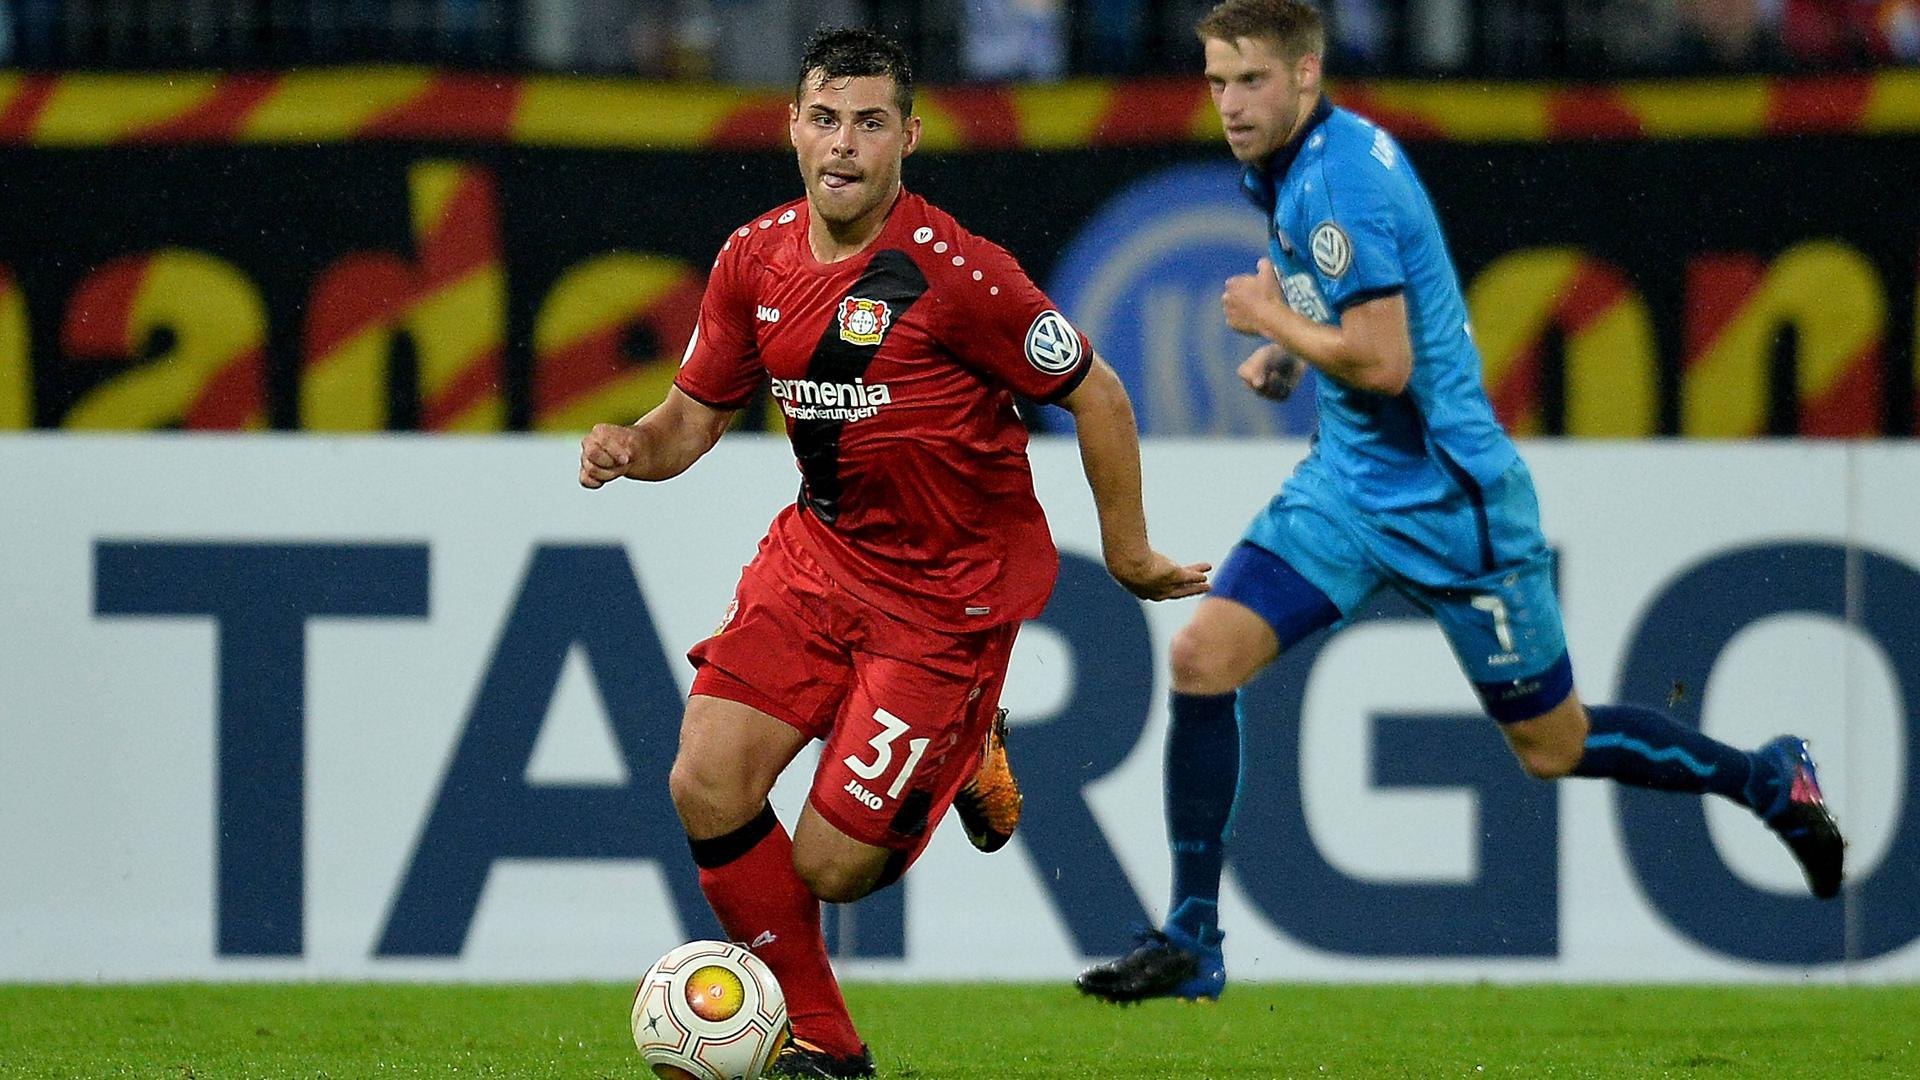 Neuauflage im Pokal: Nur das Nachsehen blieb KSC-Profi Marc Lorenz am 11. August mit den Karlsruhern gegen den damals für Bayer Leverkusen stürmenden Kevin Volland. Der Werksclub gewann das Erstrundenmatch mit 3:0 in der Verlängerung.